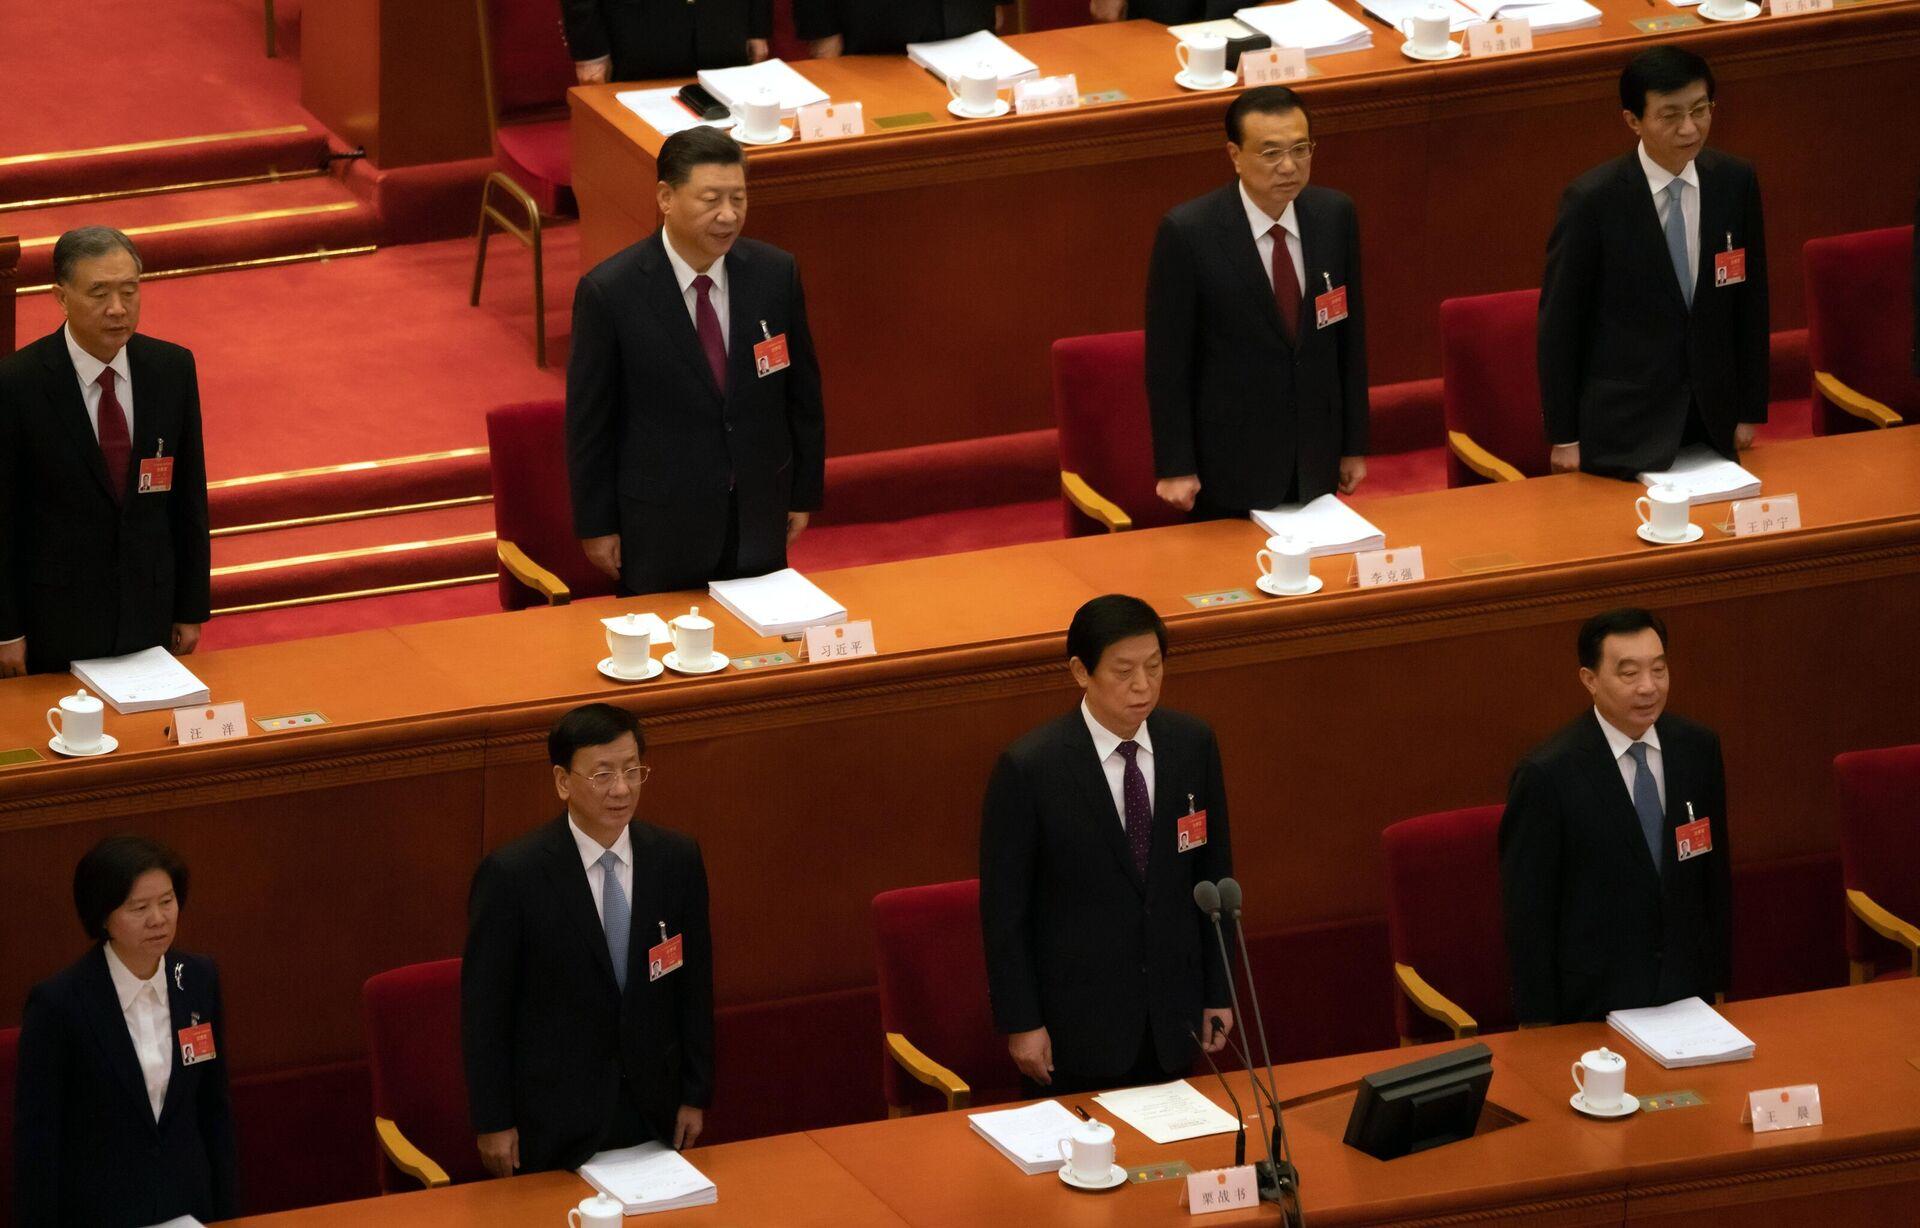 Беспрецедентный рывок. Чего достигла компартия Китая за сто лет?